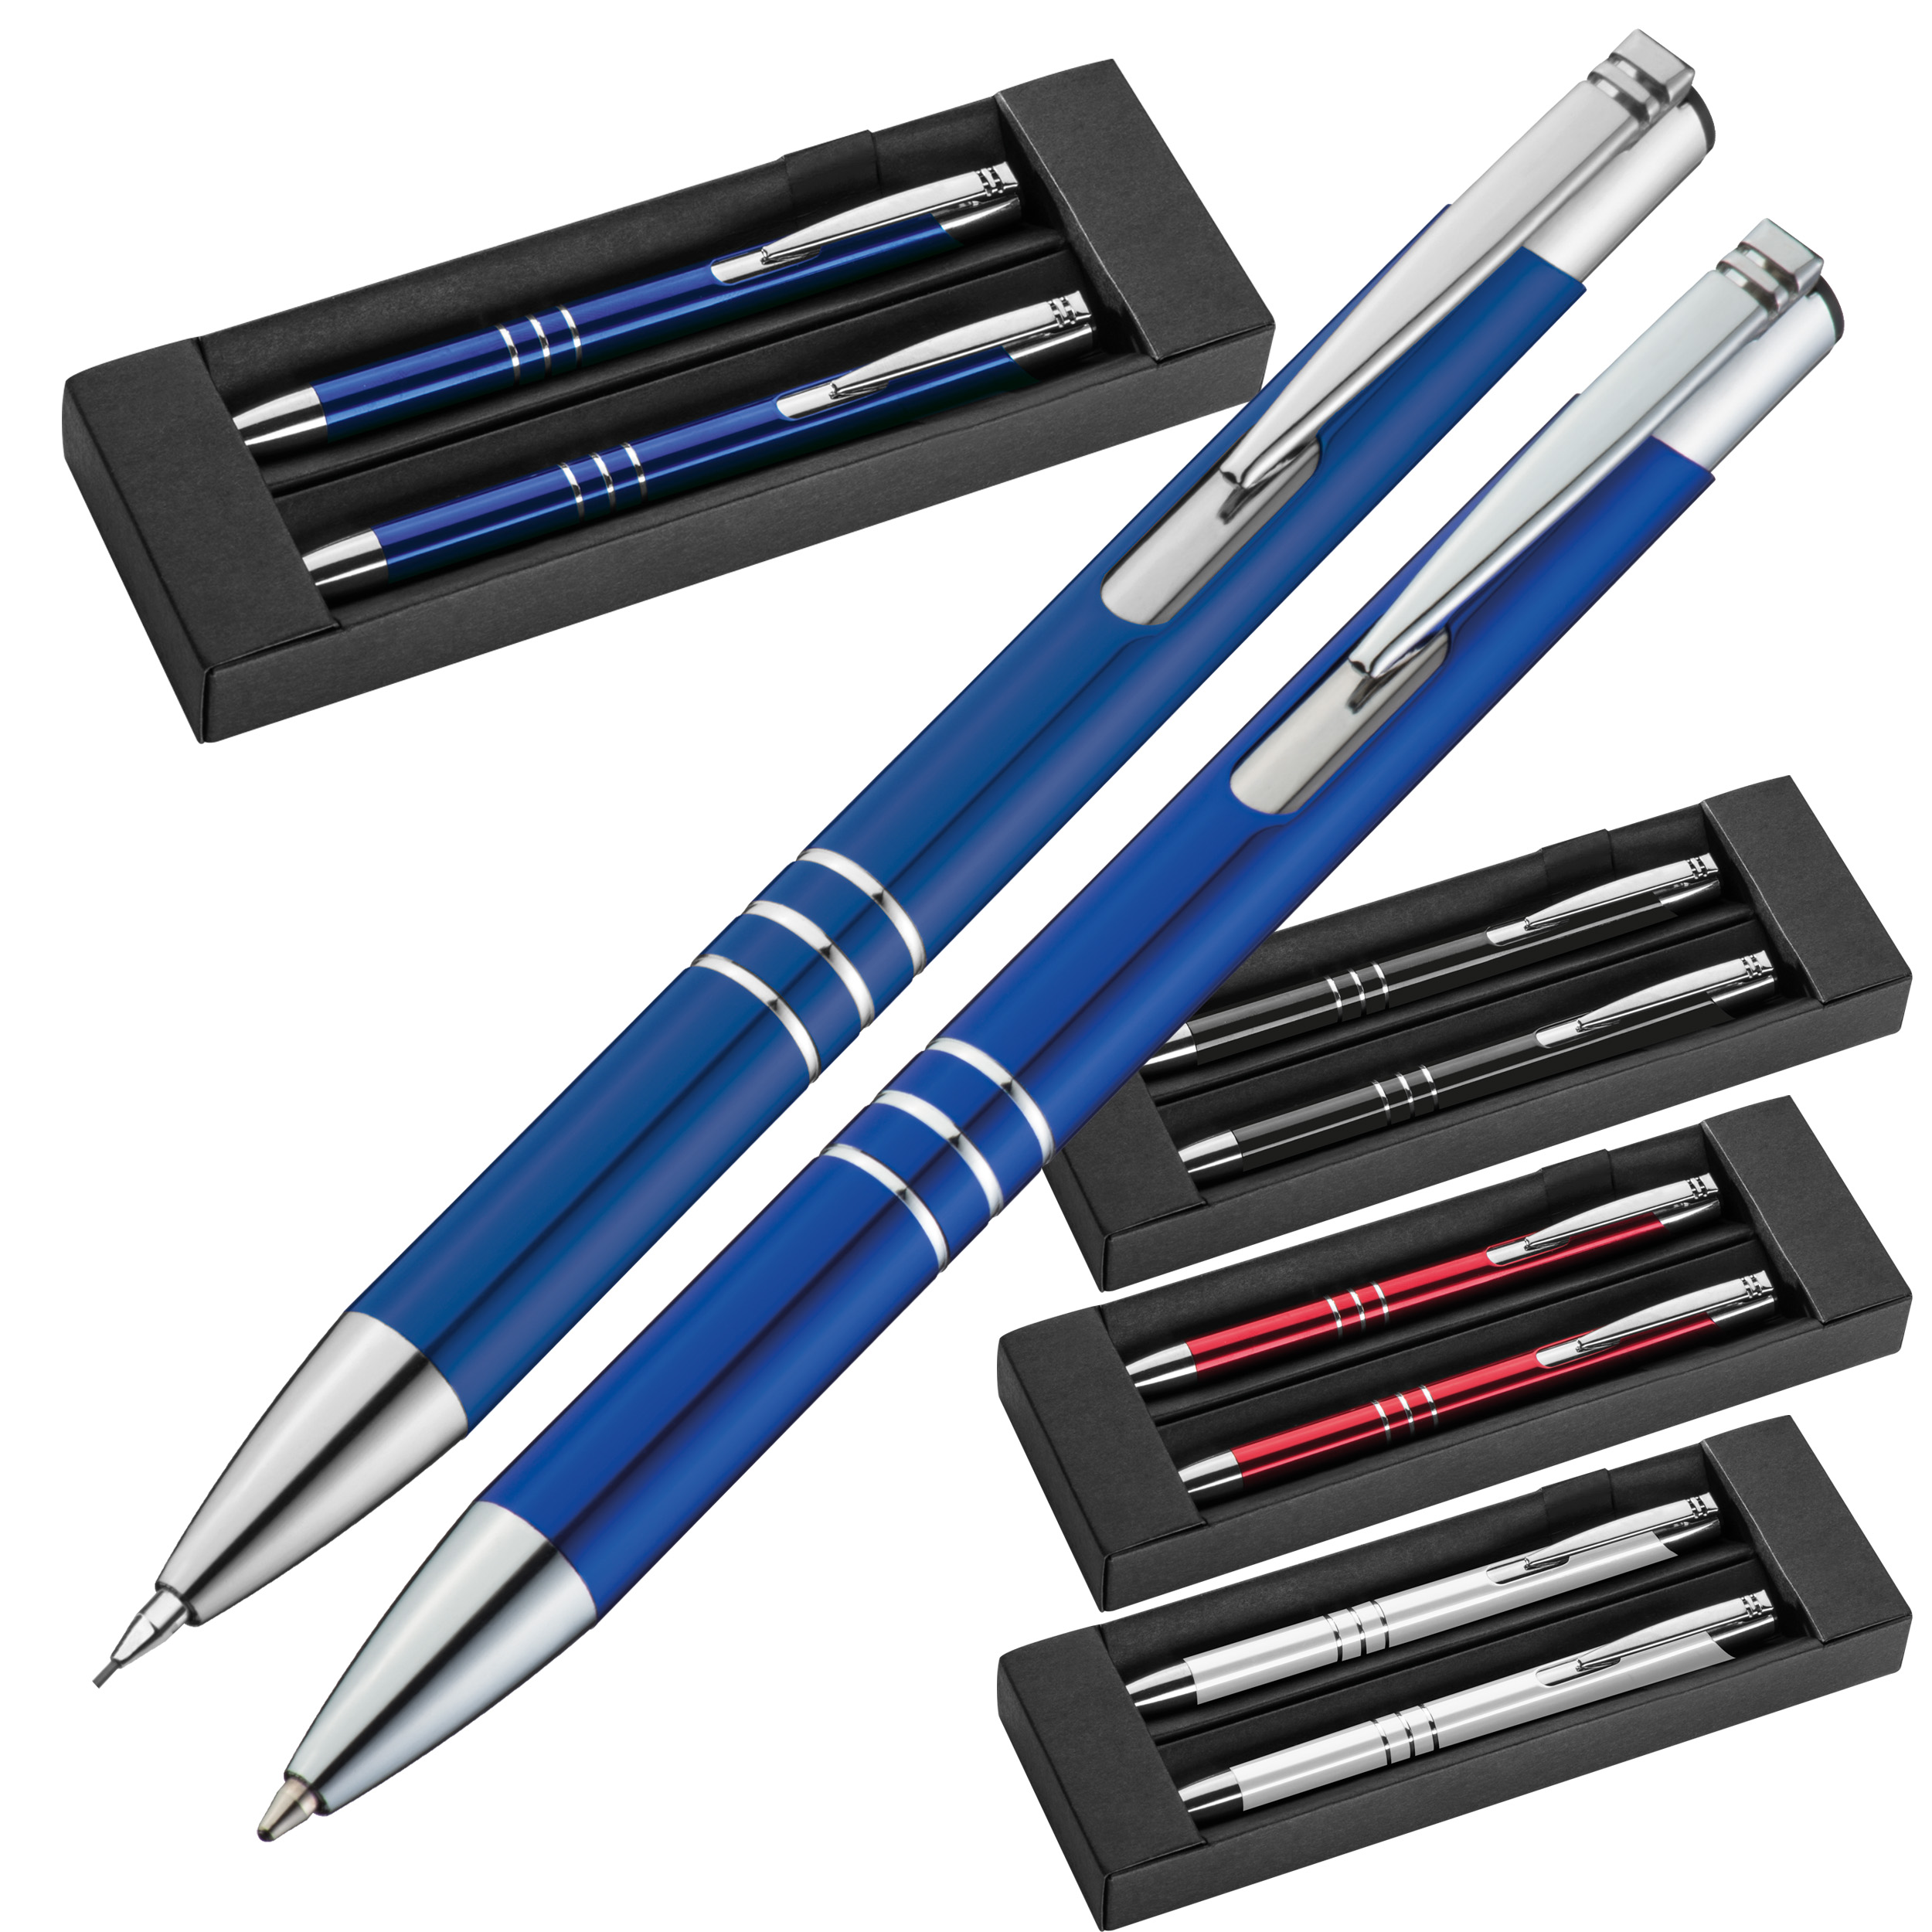 Schreibset mit Kugelschreiber und Druckbleistift aus Metall